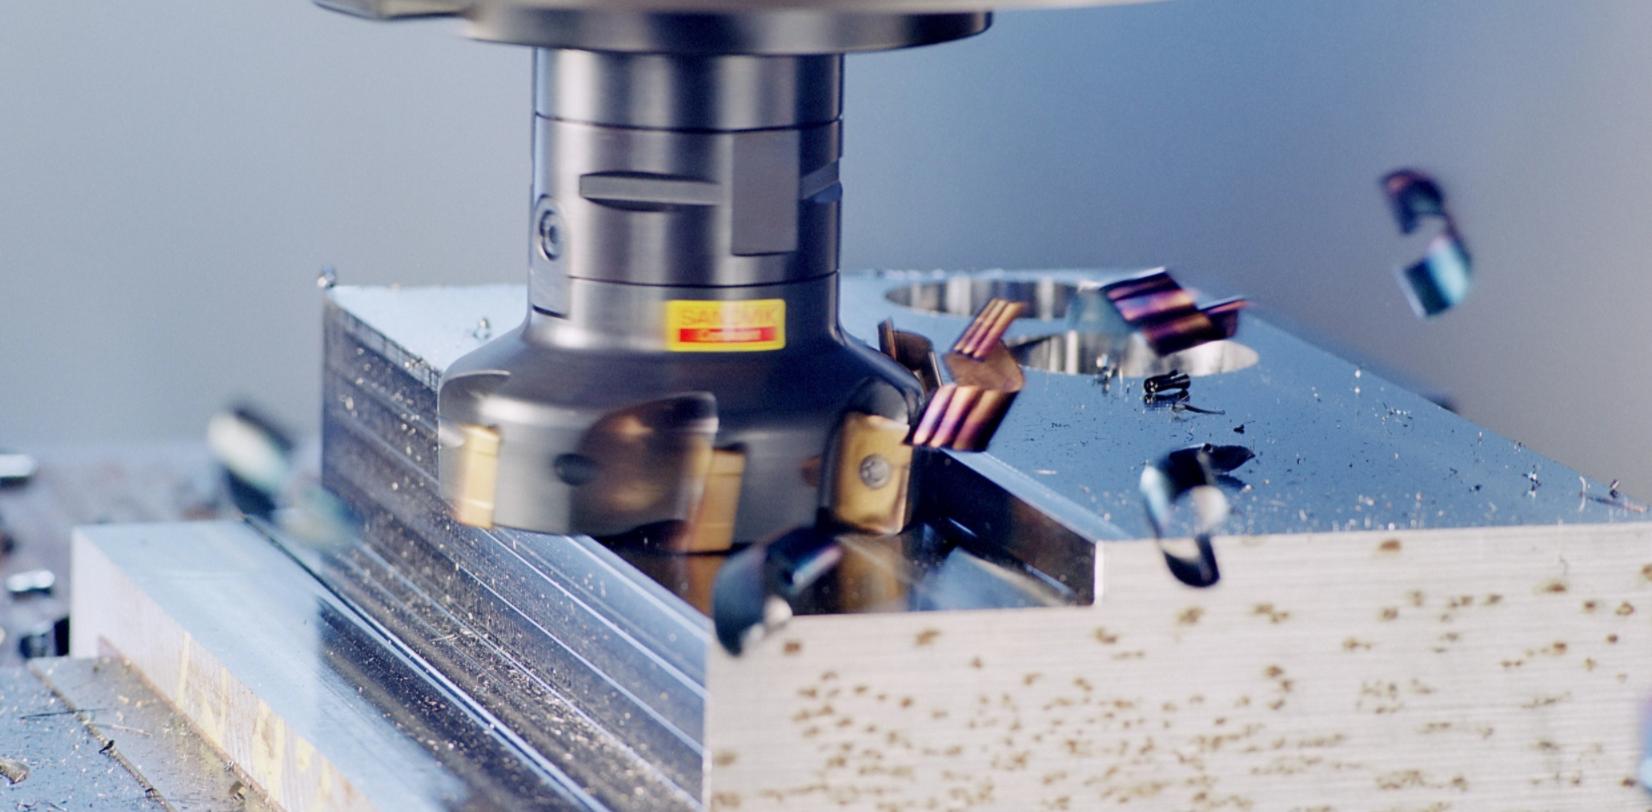 Profesionální úprava kovových dílů všeho druhu